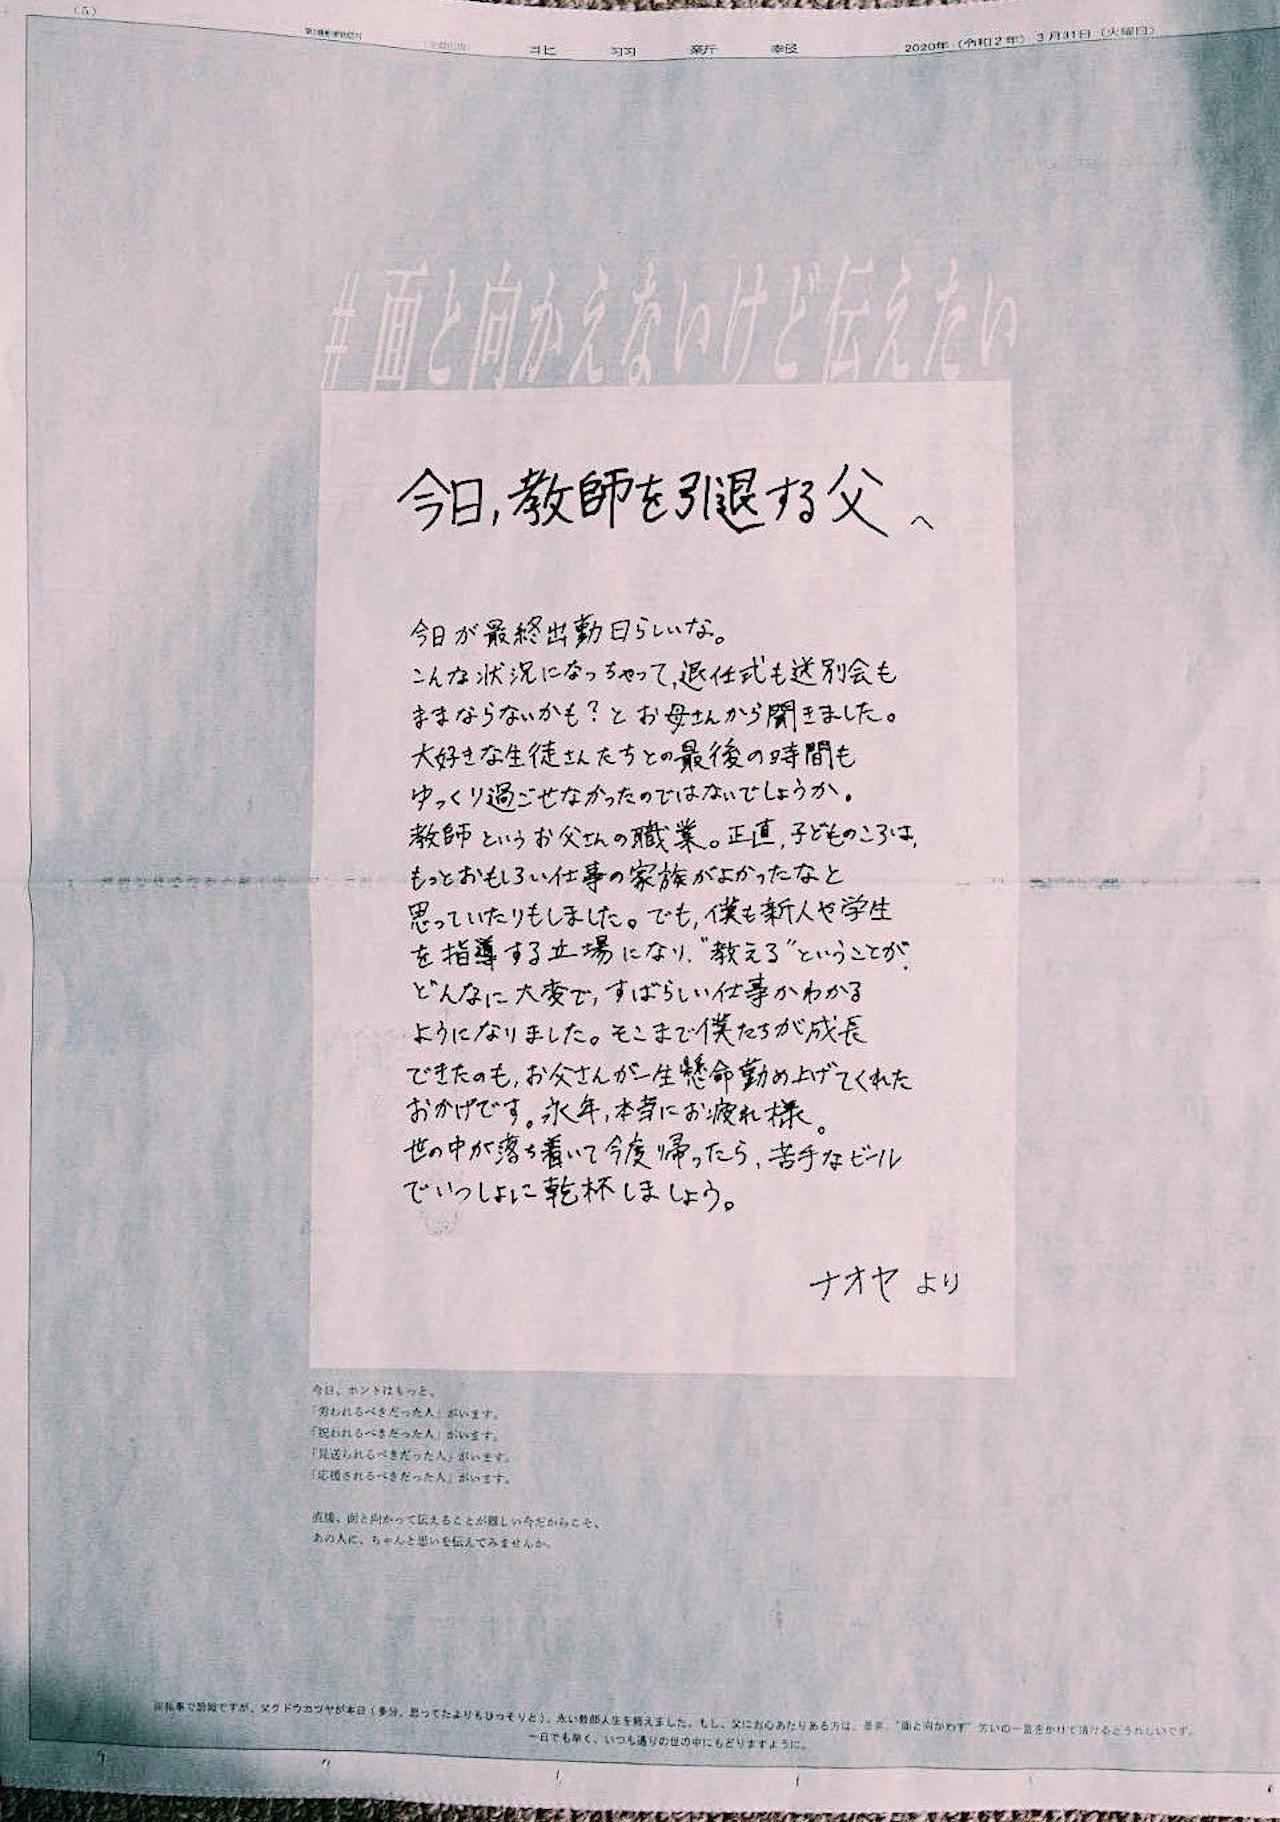 クドウナオヤ 新聞広告 父への手紙